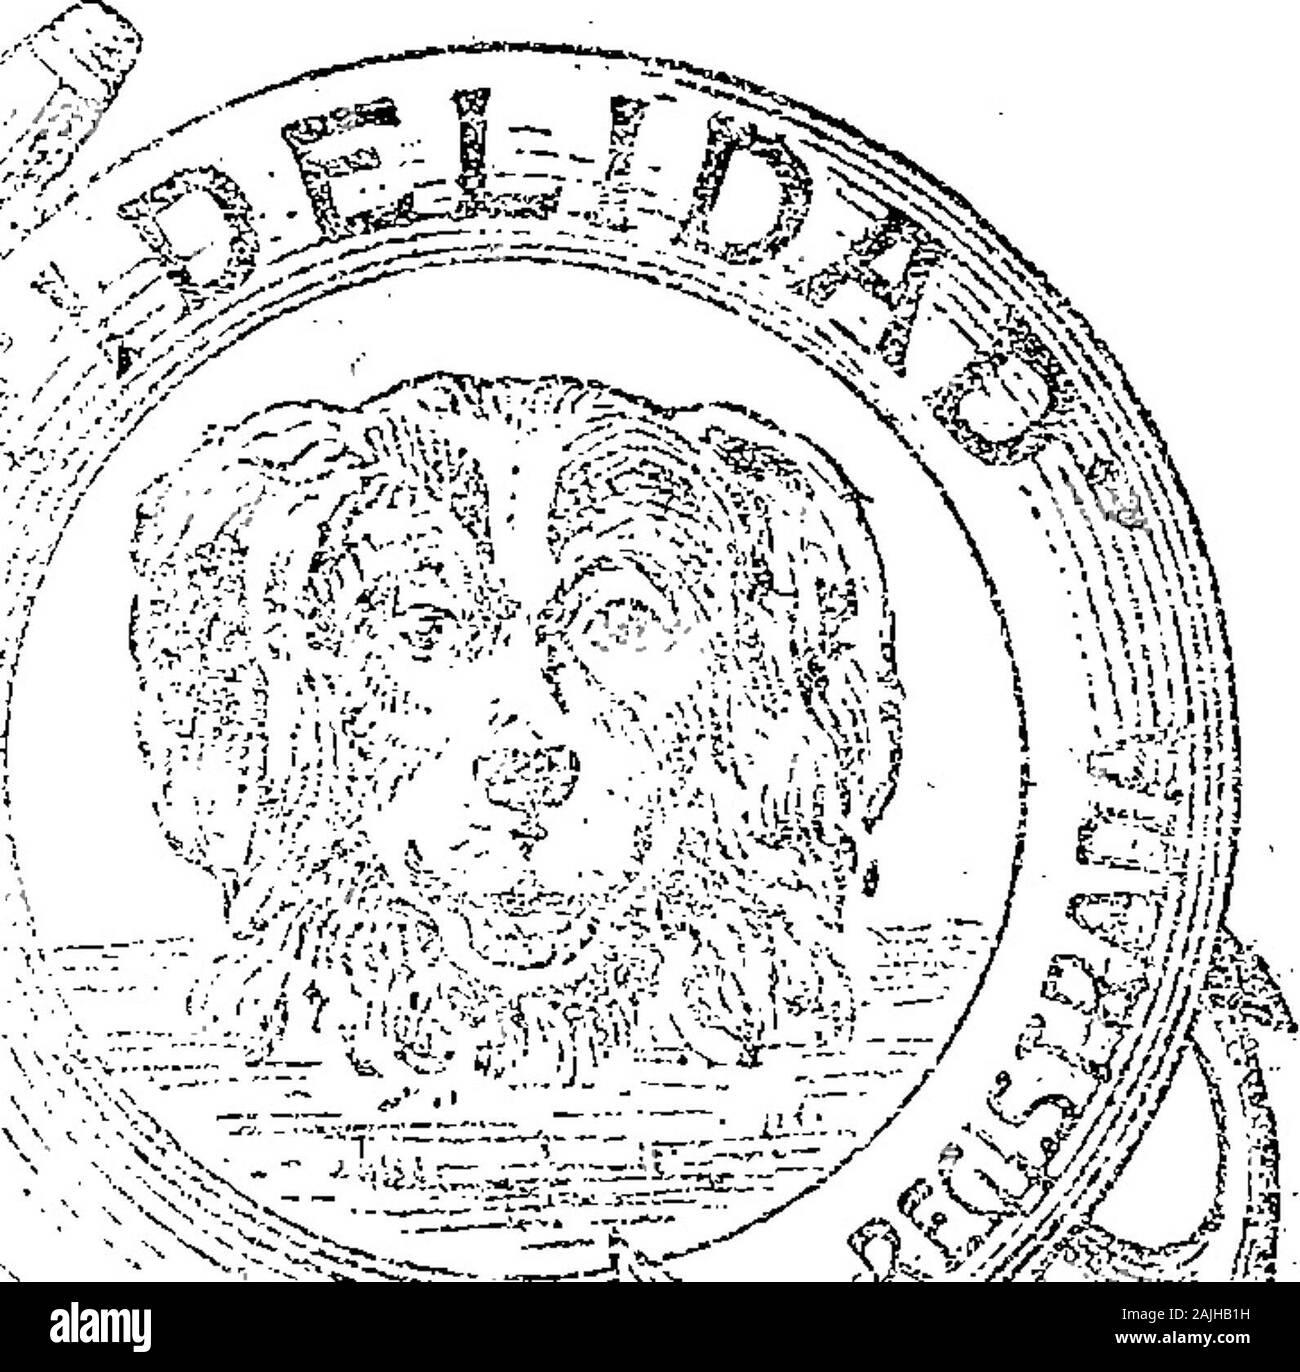 Boletín Oficial de la República Argentina 1916 1ra sección . isAbril 14;:de 1916. — Inchauspe yC°. — Bebidas en general, no ??medici-,nales, -alcohólicas o no> -alcohol, «de. la.éíasé -23. ; ? . i--; i , > v-í2S abril. Abril 15 de 1916. .— Julio LópezgArteta y Ca. — Instrumentos y apa*ratos, musicales y sus ^ceforjos. Mó».sica y ;í ¡aparatos - tocadores laütomáticofcdéí Iaííla3e 7. ?; ¡ .( i &2&:abril. , LJ •A i l _ I -J,, . rv?*«^7R3!jí,^7: PwSS9lS>^»SKif? mmm§ m BOLETÍN OFÍCIffi —;?? Buenos Aires; Viernes 28 de Abril de 1916 537 7f Acta Na- 52409 /~íí. Abril 15 de 1916. — Julio Lópe Stock Photo